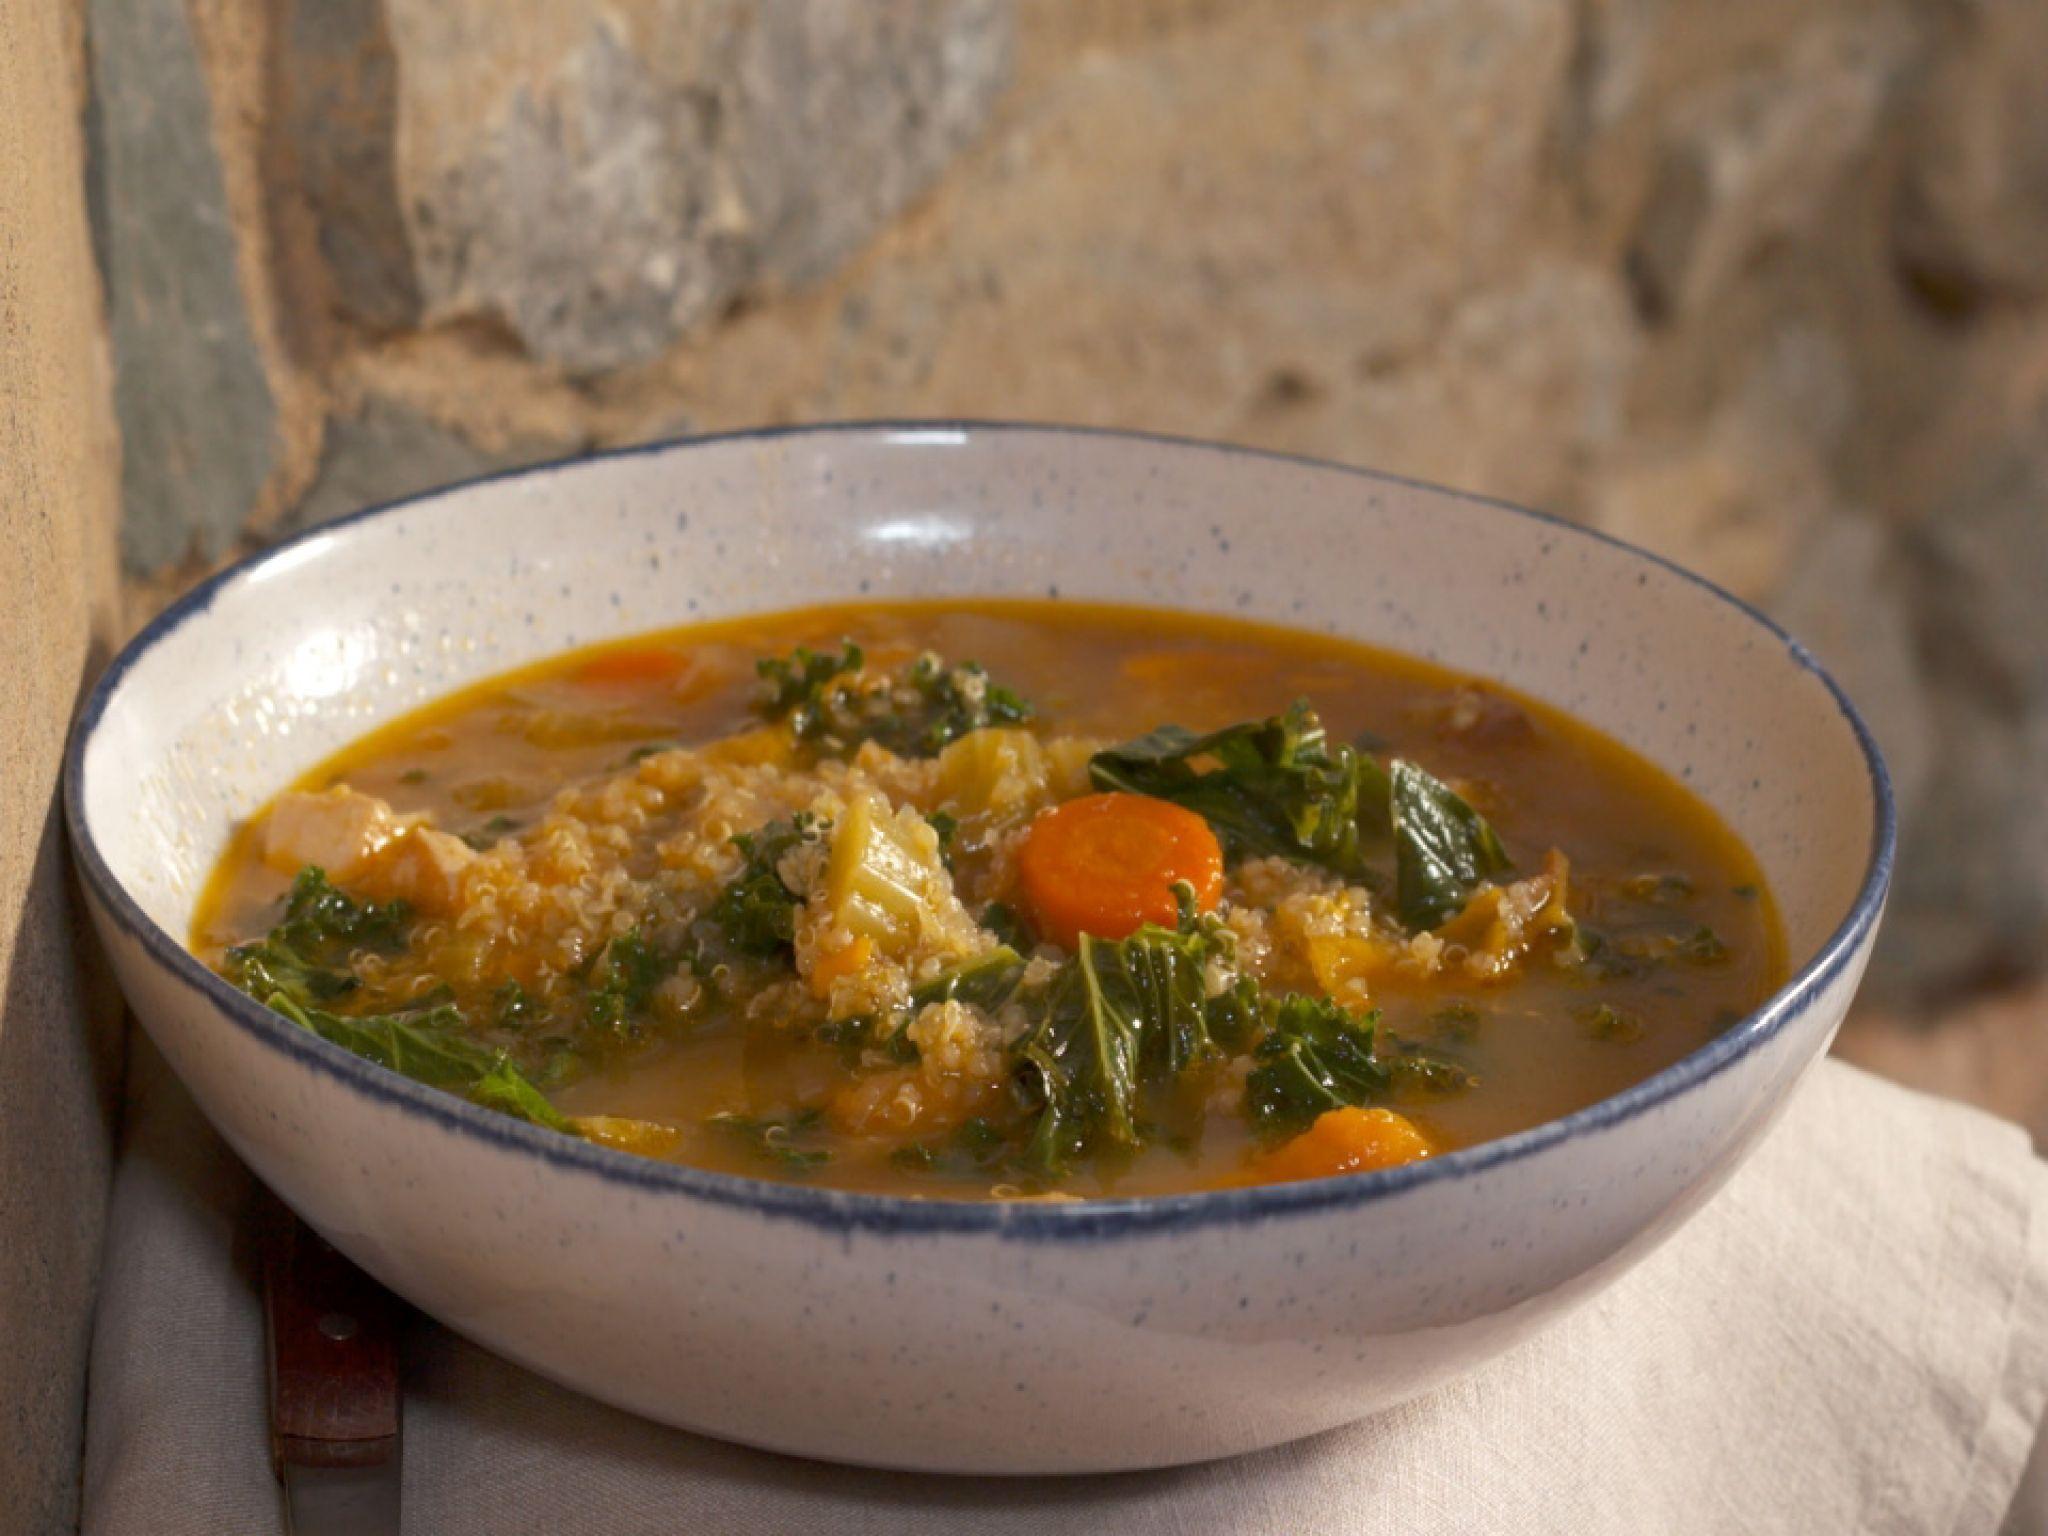 Chicken veggie soup recipe nancy fuller veggie soup and ground chicken veggie soup forumfinder Choice Image